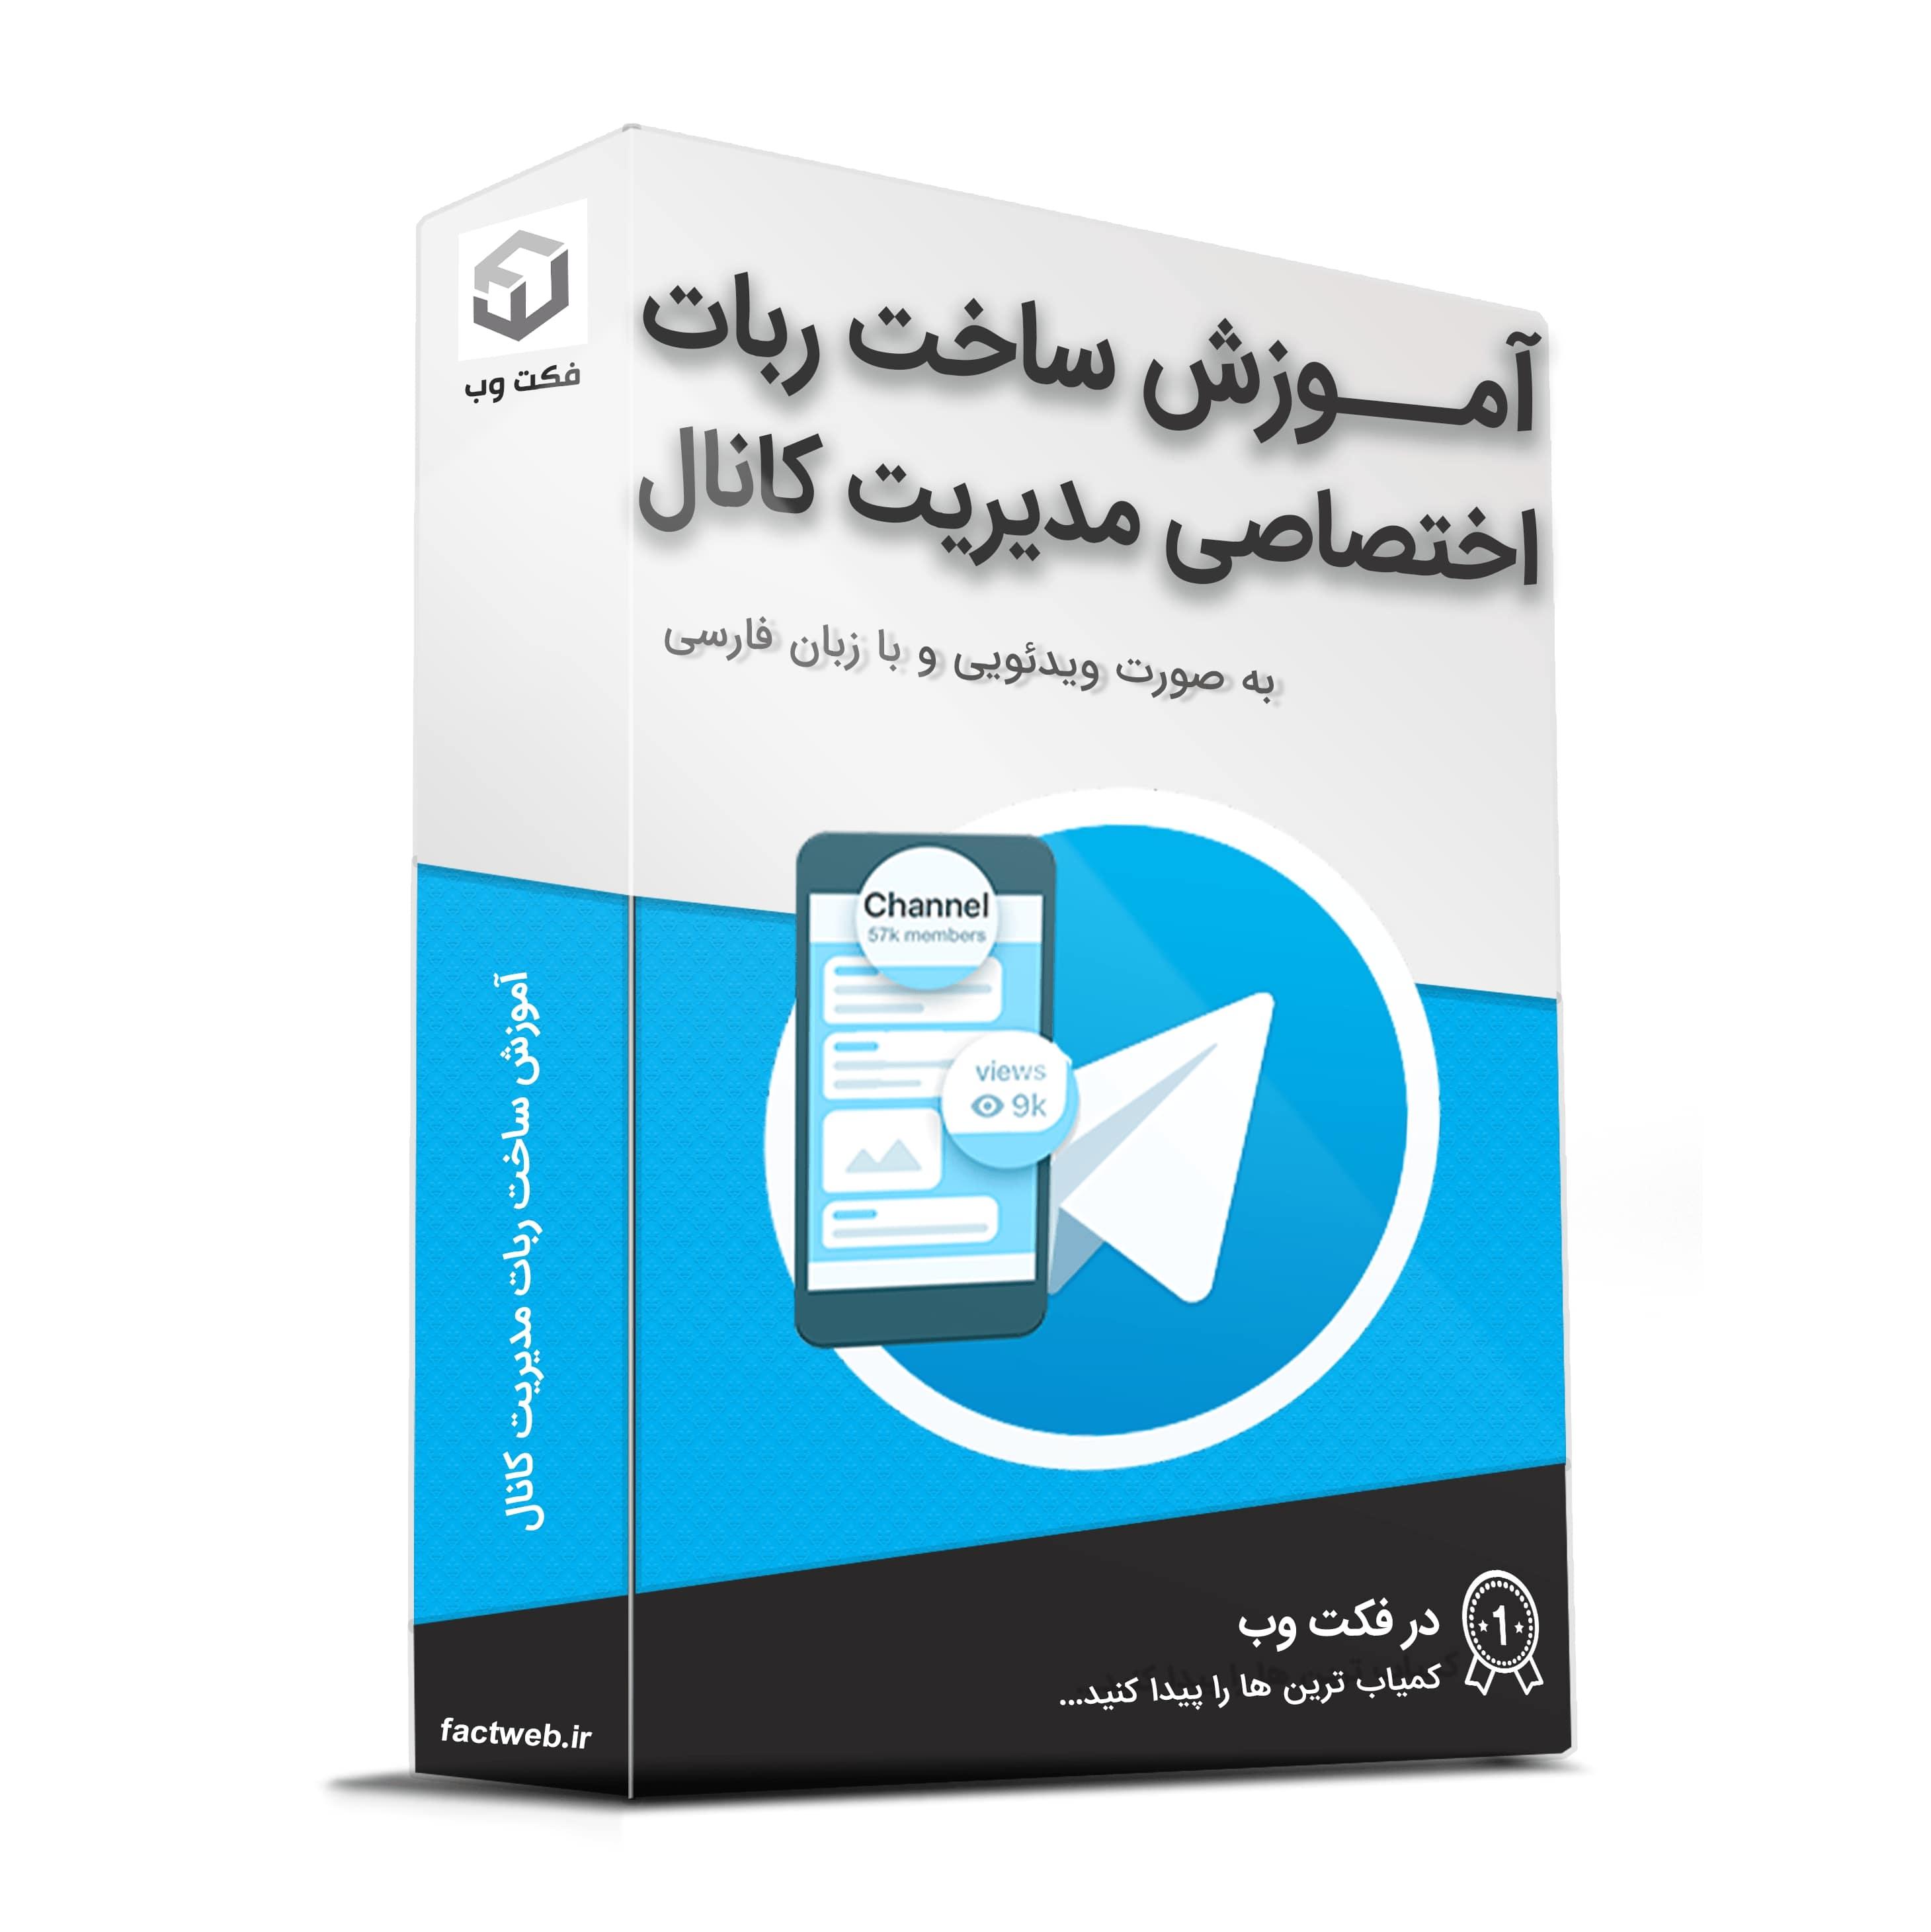 آموزش ساخت ربات اختصاصی مدیریت کانال تلگرام